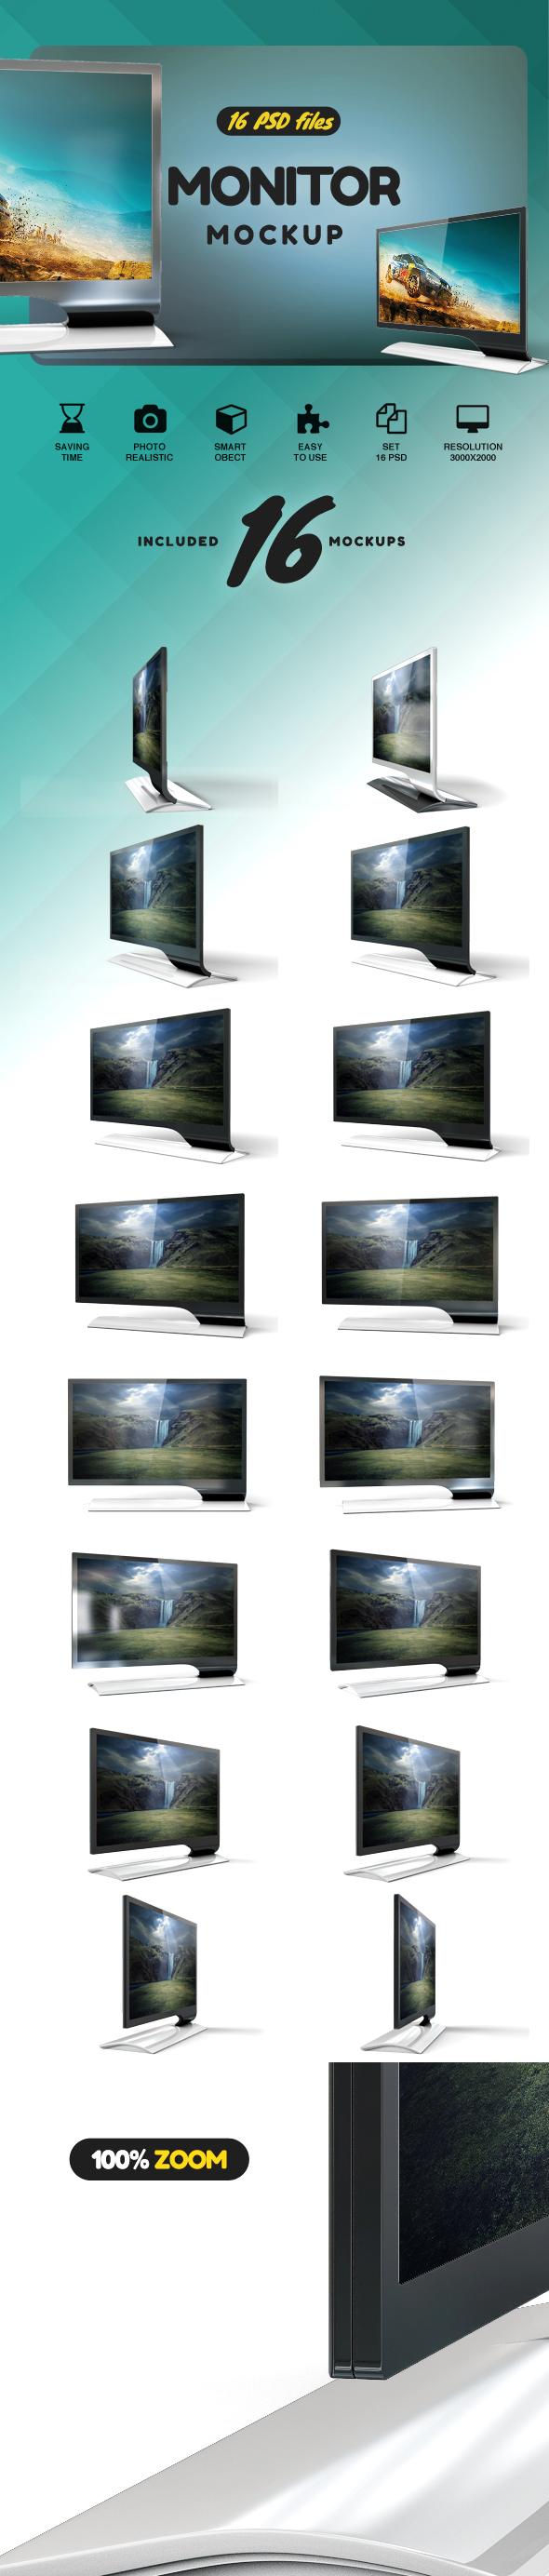 LED Monitor Mockup example image 2